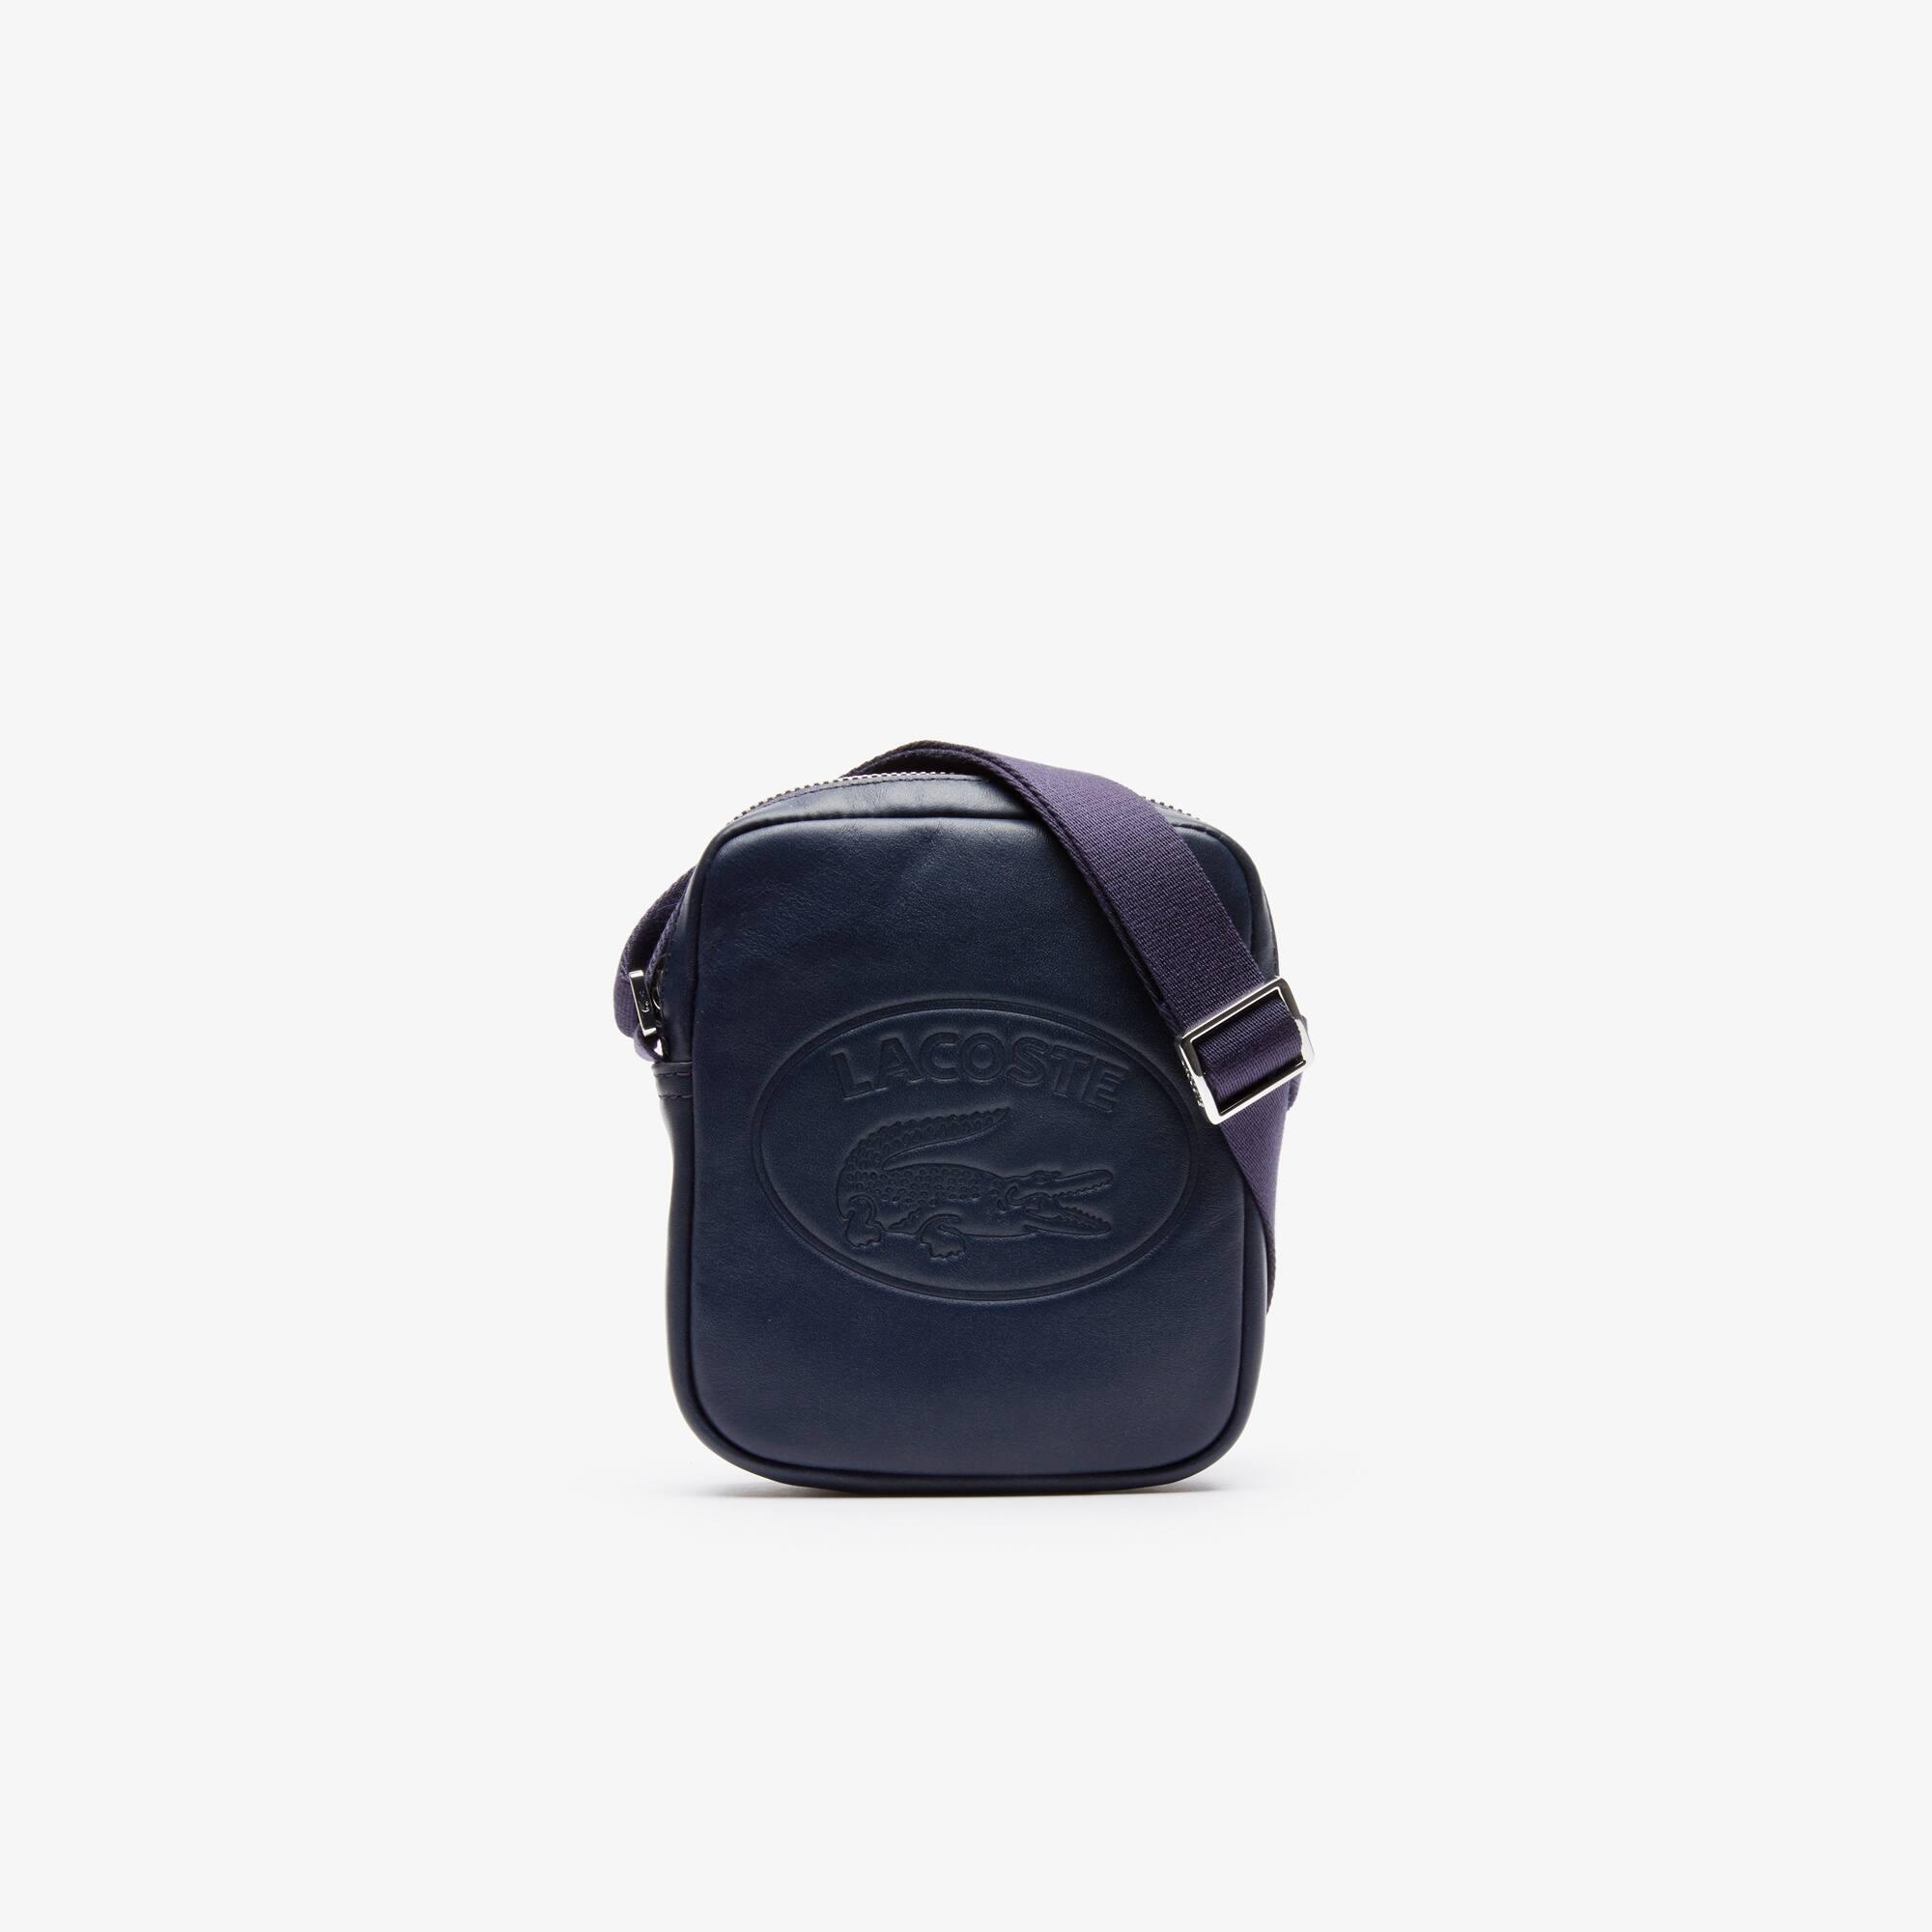 Artikel klicken und genauer betrachten! - Diese lässige Tasche aus italienischem Leder ist mit einem kultigen ovalen Branding versehen. Perfekt für den urbanen Look. | im Online Shop kaufen